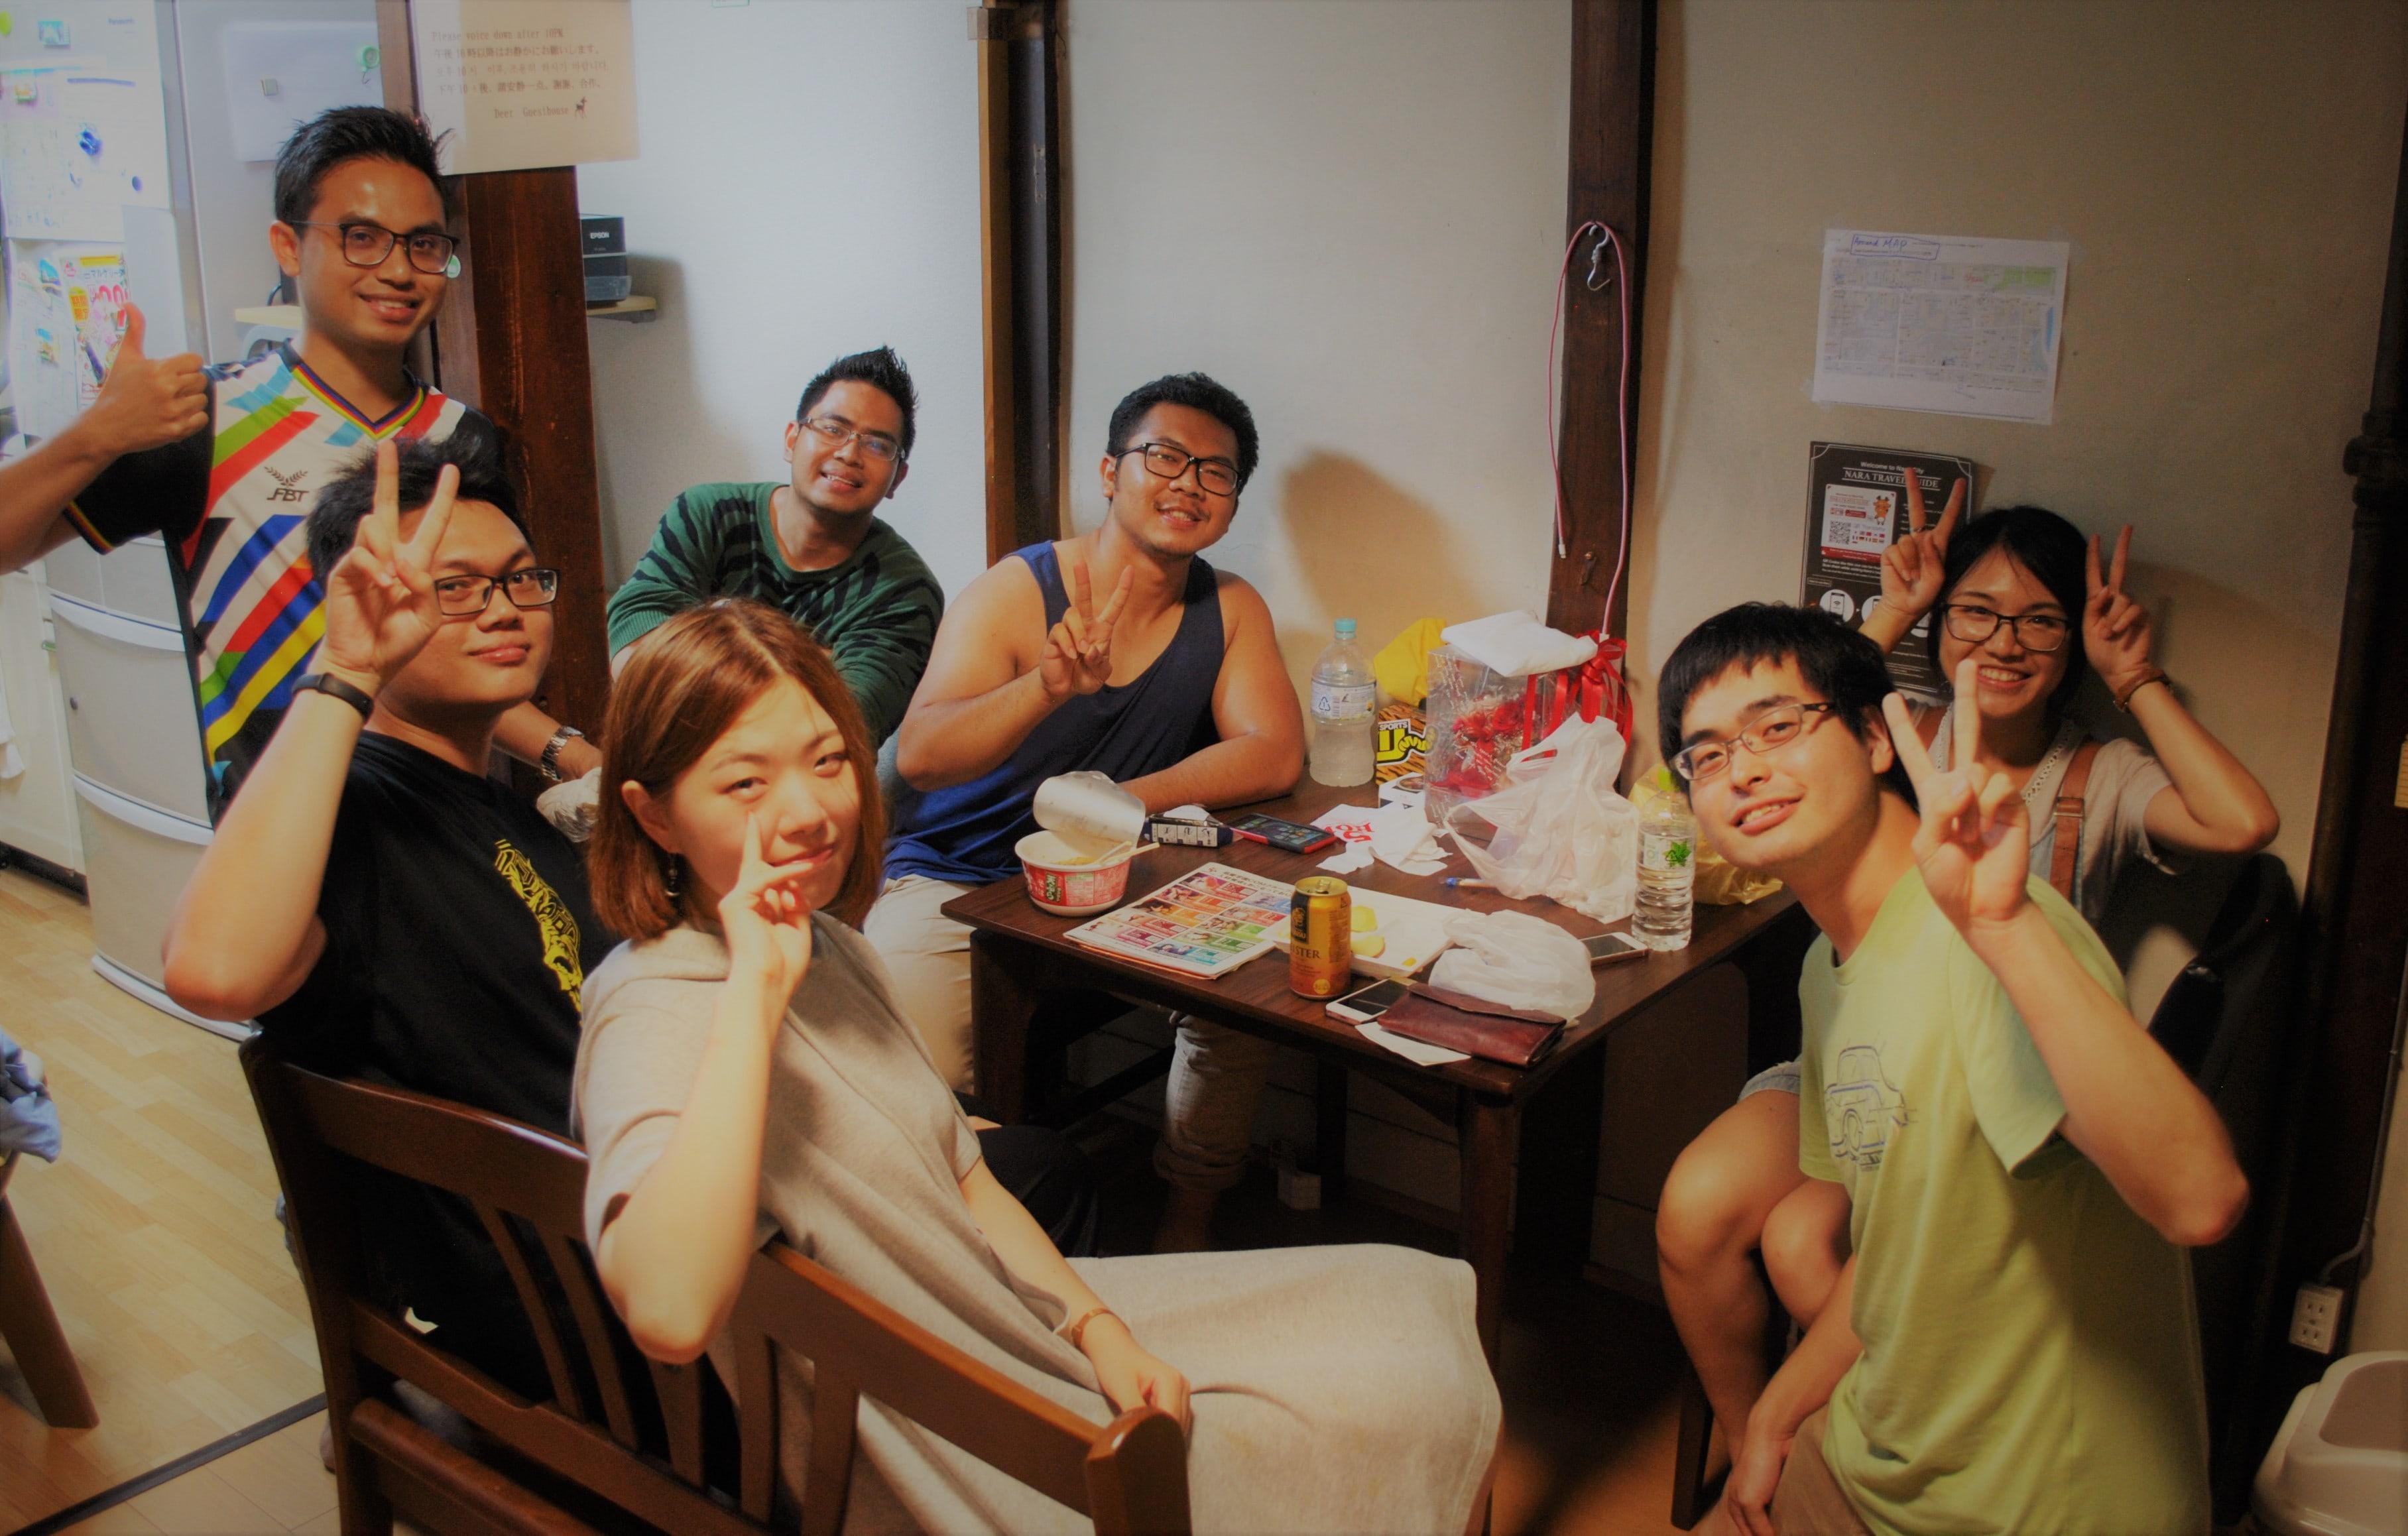 |奈良|ゲストハウス|奈良での思い出作りに参加しませんか?